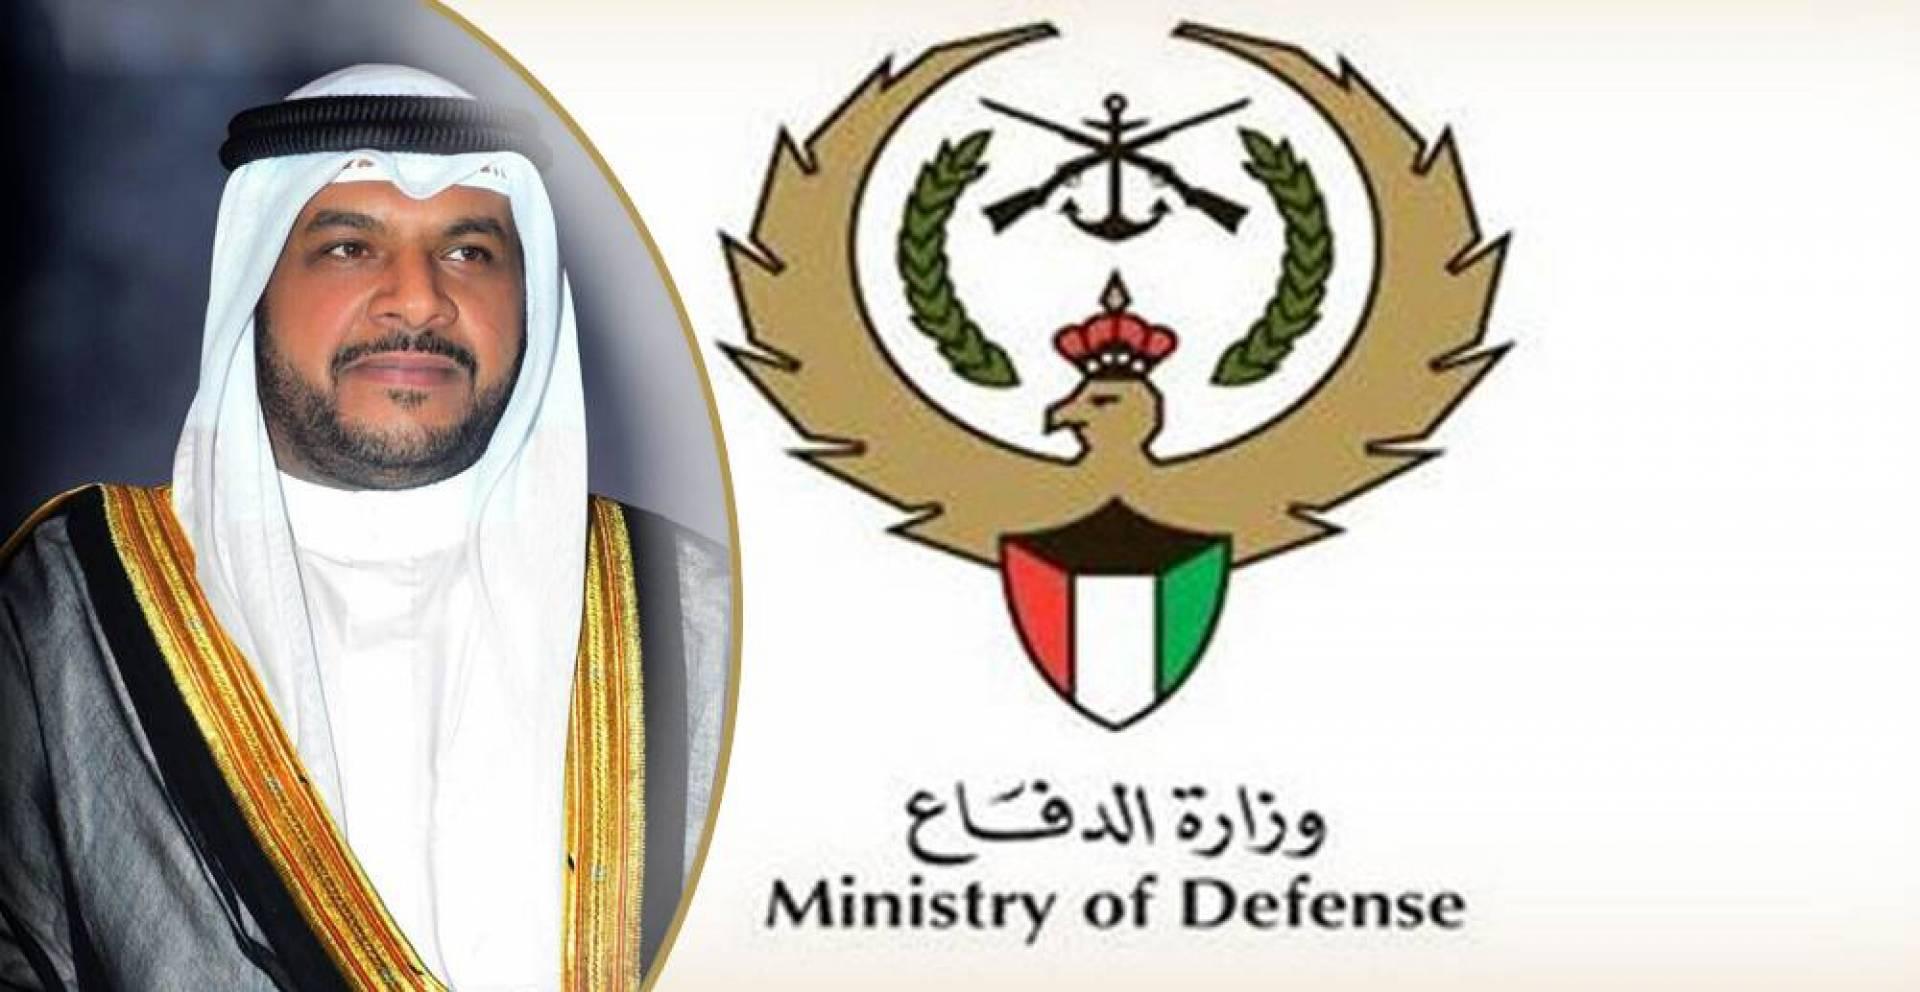 وزير الدفاع: تأجيل سداد الأقساط الشهرية للمقترضين من صندوق الجيش.. 6 أشهر